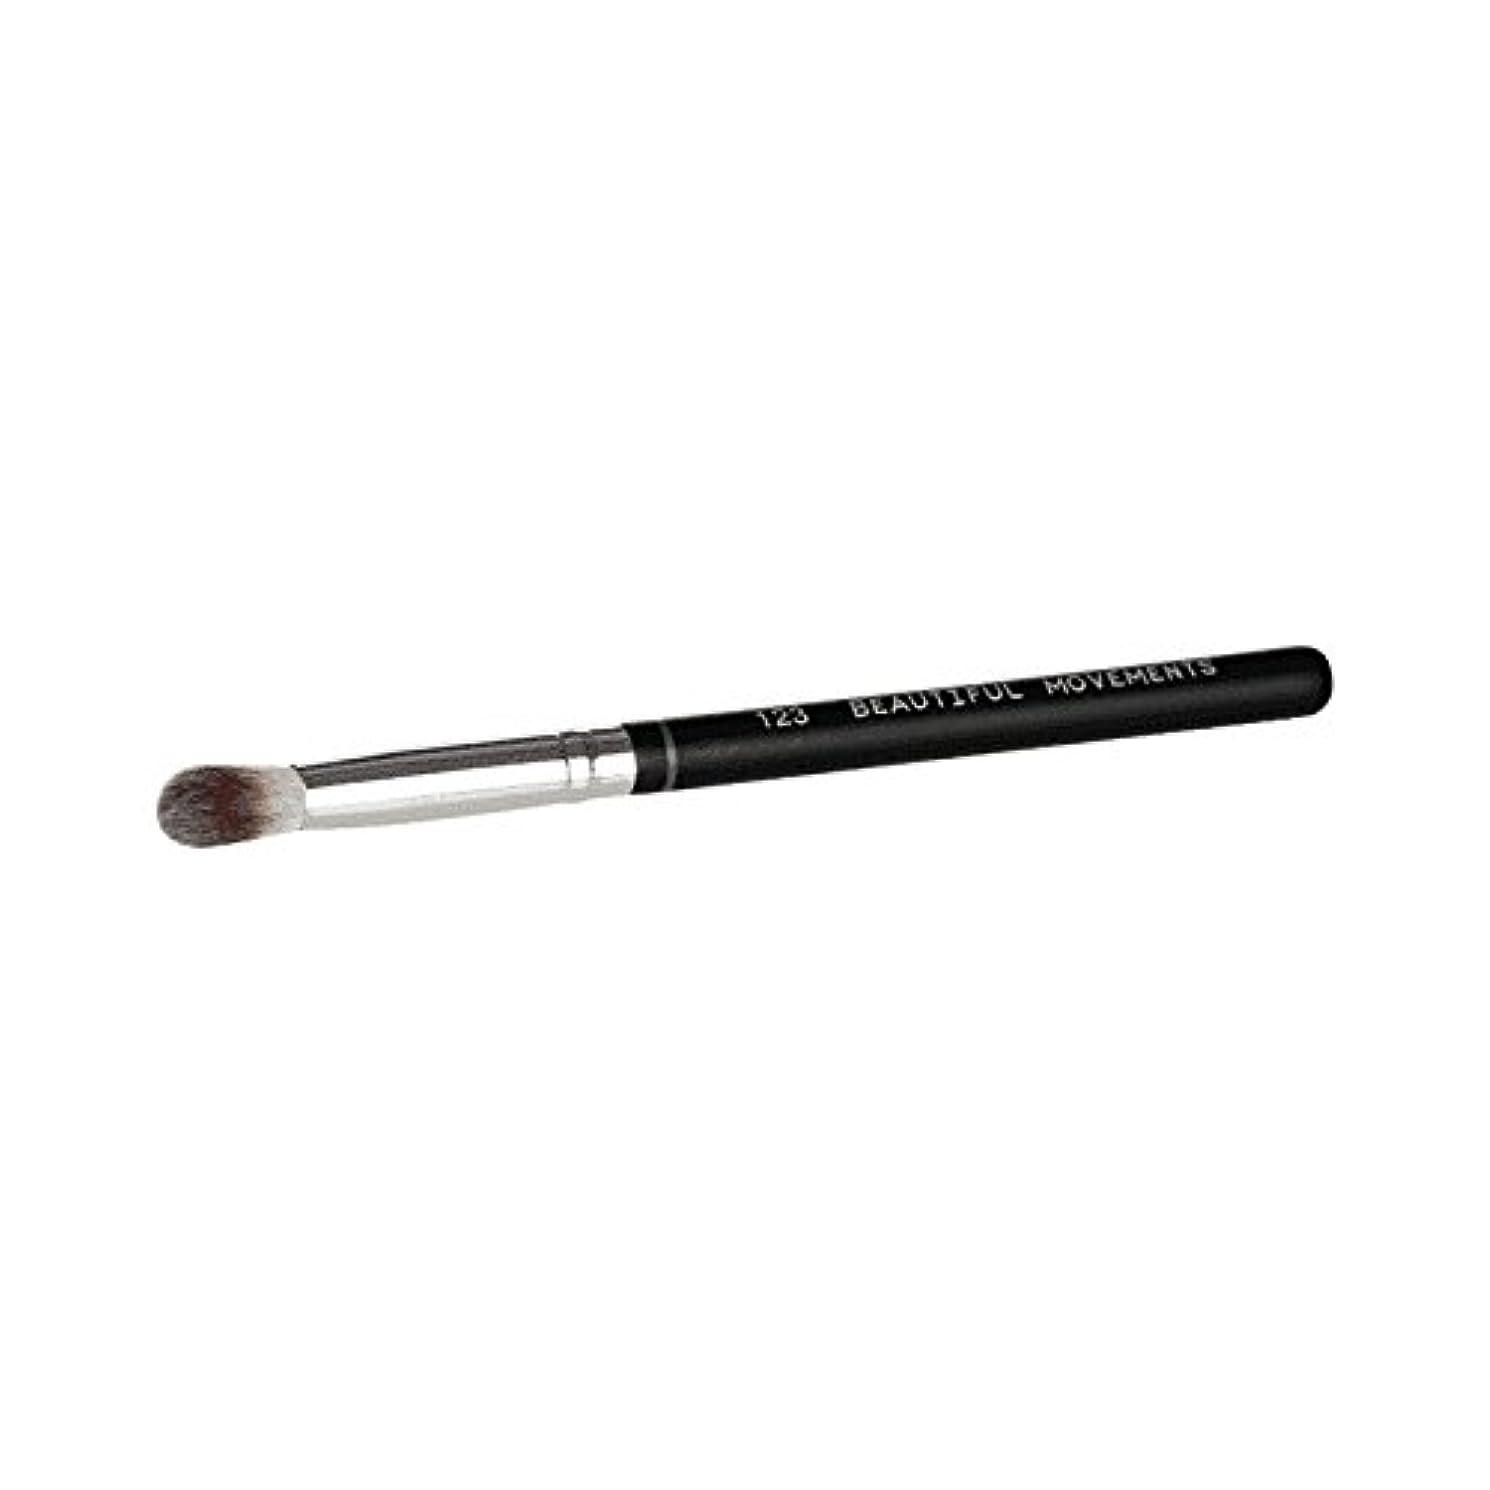 注釈を付ける評決形Beautiful Movements Eyeshadow Brush (Pack of 2) - 美しい動きのアイシャドウブラシ (x2) [並行輸入品]